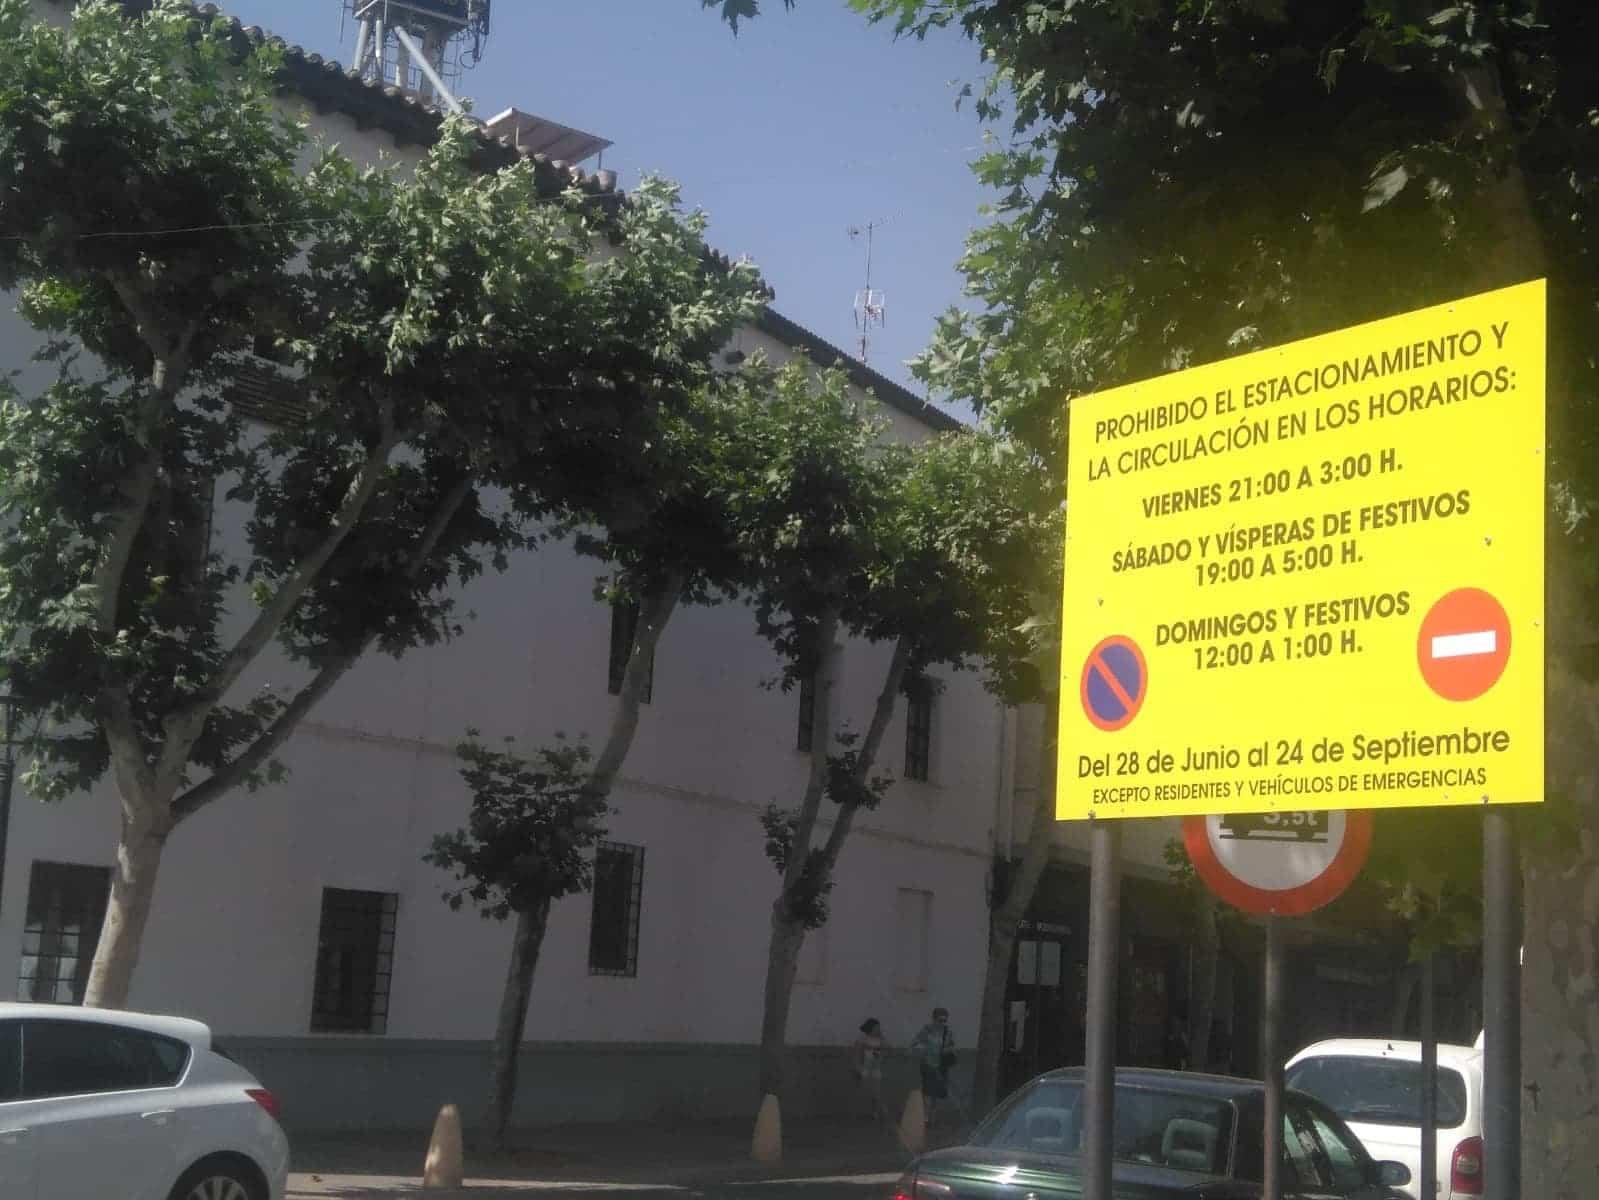 cortes trafico herencia findes - Comienzan los cortes de tráfico en el centro de Herencia, fines de semana y festivos